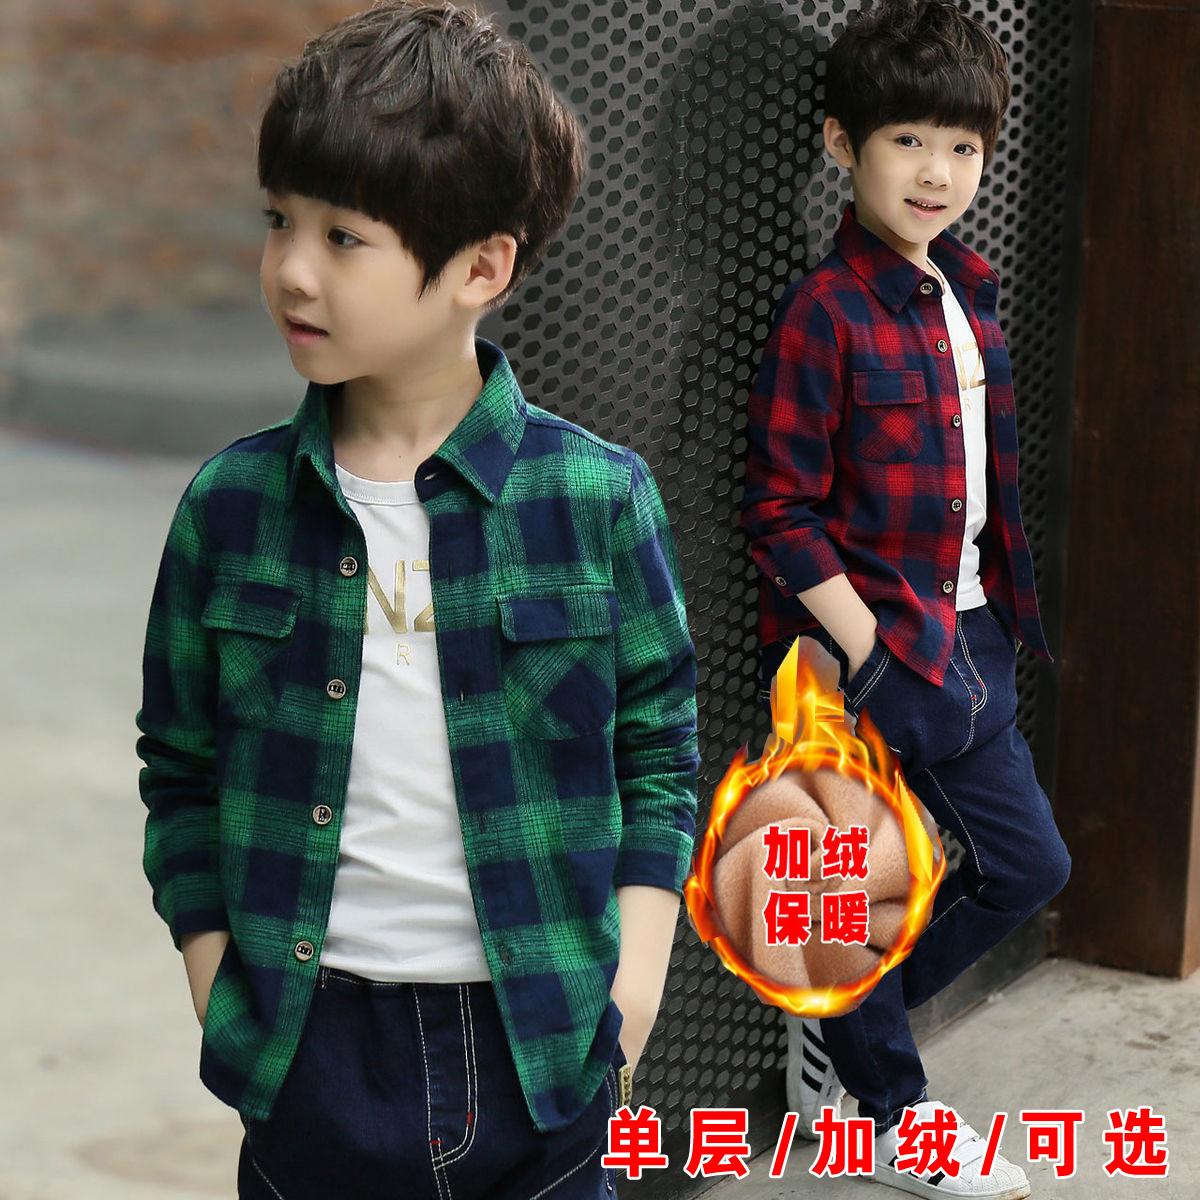 外套长袖秋冬儿童衬衫春夏衬衣a外套童装男童中大童格子加绒加厚潮